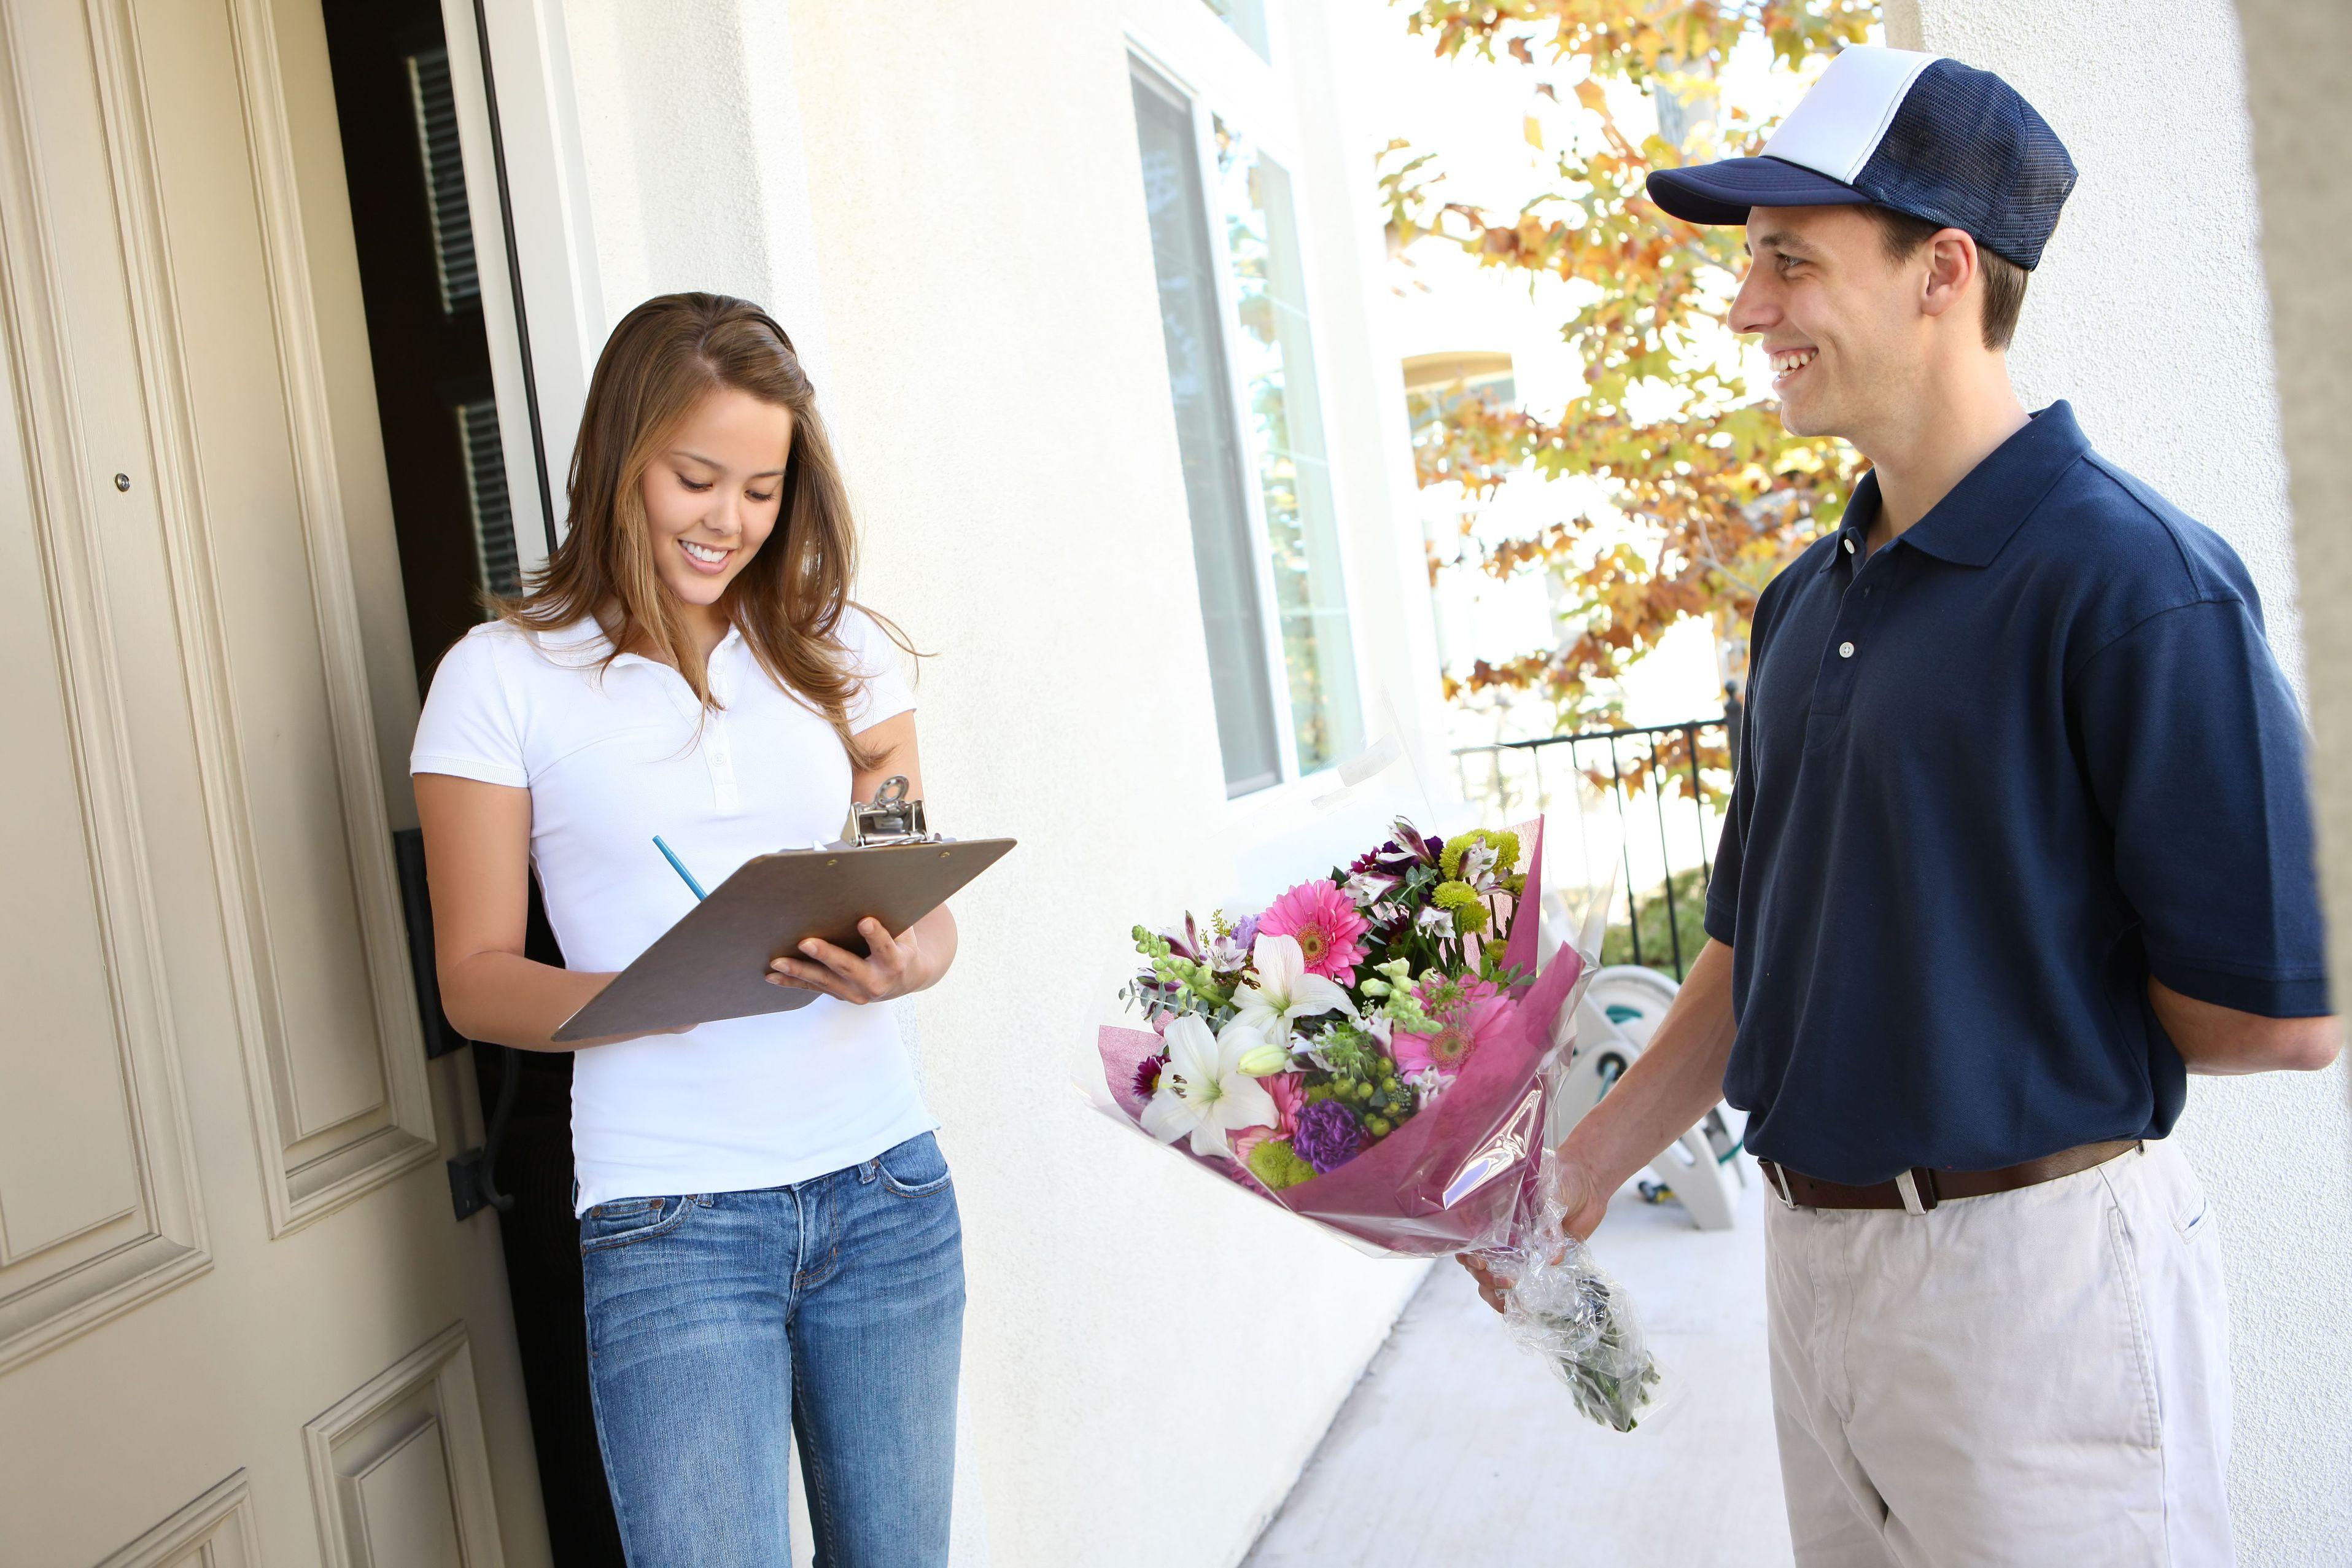 Цветочный салон с превосходным сервисом доставки (1 фото)